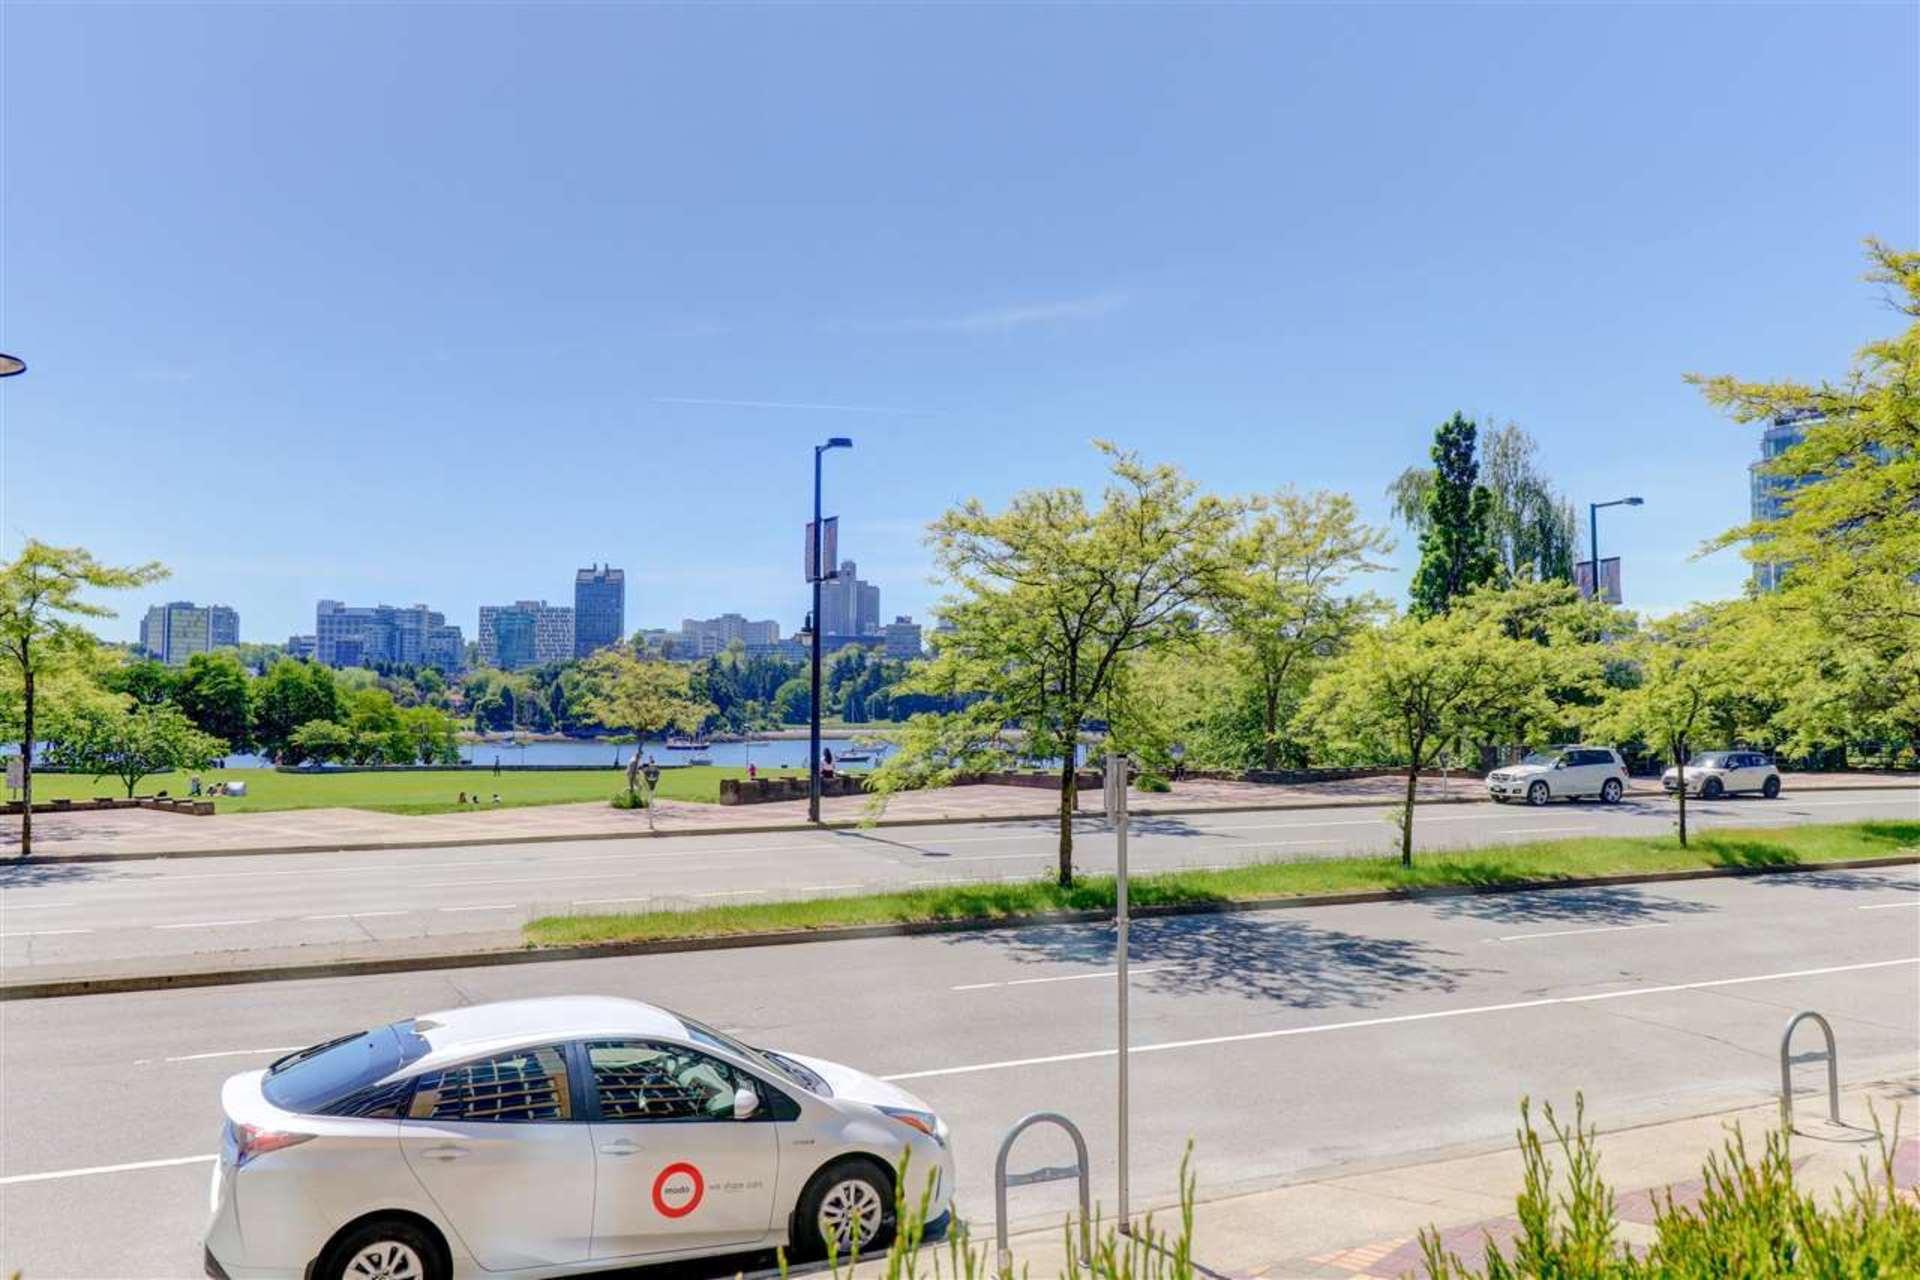 388-drake-street-yaletown-vancouver-west-29 at 103 - 388 Drake Street, Yaletown, Vancouver West